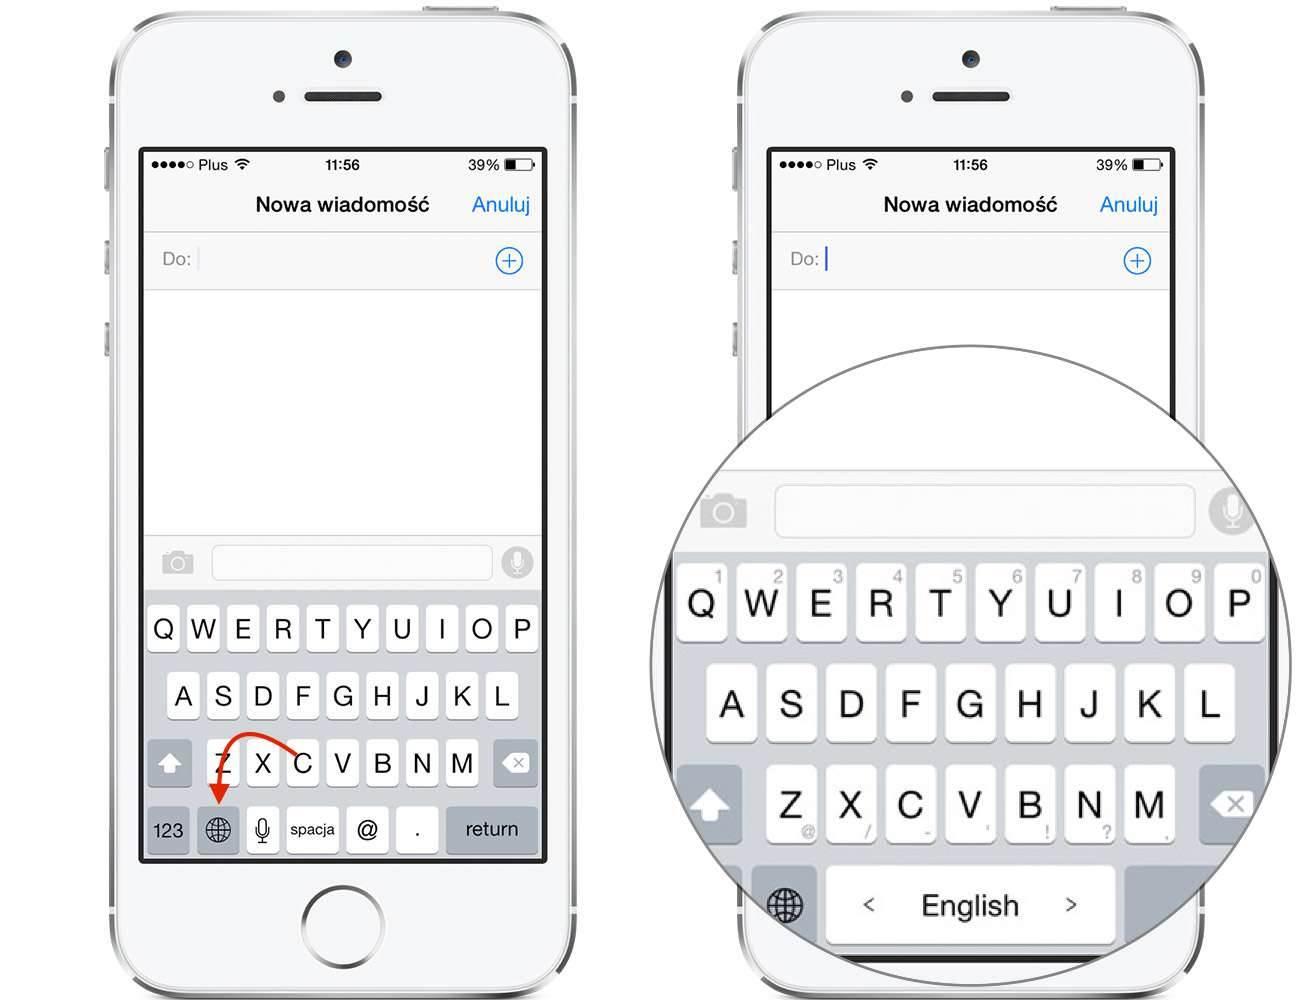 iOS 8 - jak zainstalować nową klawiaturę? poradniki, polecane TouchPal, Jak zainstalować klawiaturę na iOS 8, jak wgrać nową klawiaturę na iOS 8, iPhone, iOS 8 i instalacja nowej klawiatury, iOS 8, iOS, instalacja klawiatury na iOS 8, Apple  Jak zapewne większość z Was wie, finalna wersja iOS 8, która pojawiła się w dniu wczorajszym pozwala na zmianę domyślnej klawiatury. Poniżej opisze Wam w jaki sposób instalujemy nową klawiaturę na iOS 8. Klaw3